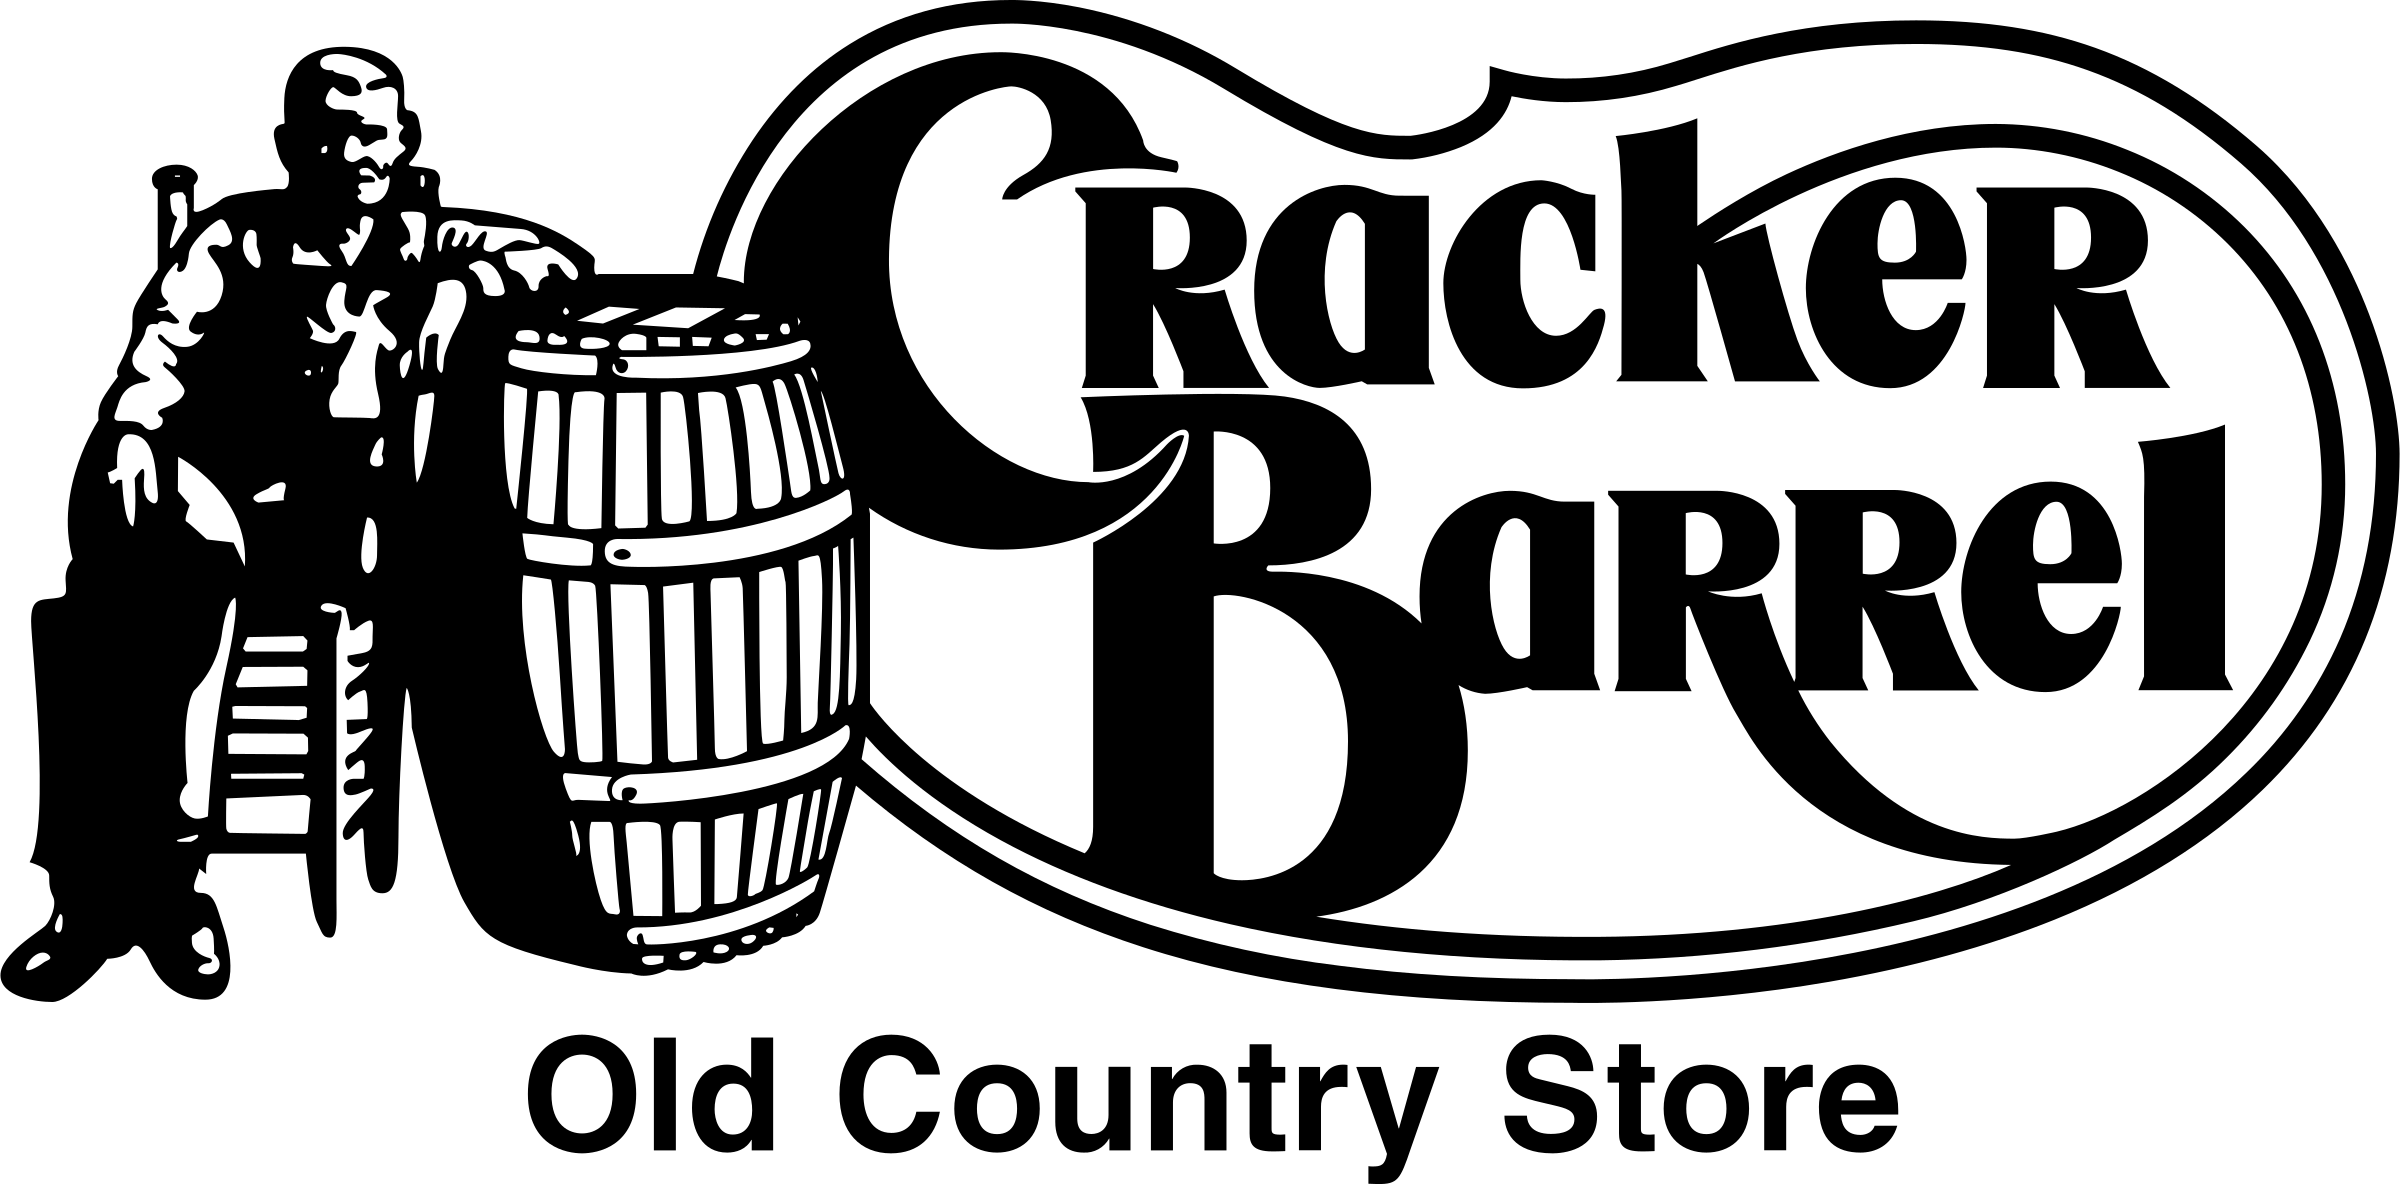 cracker barrel_black.png